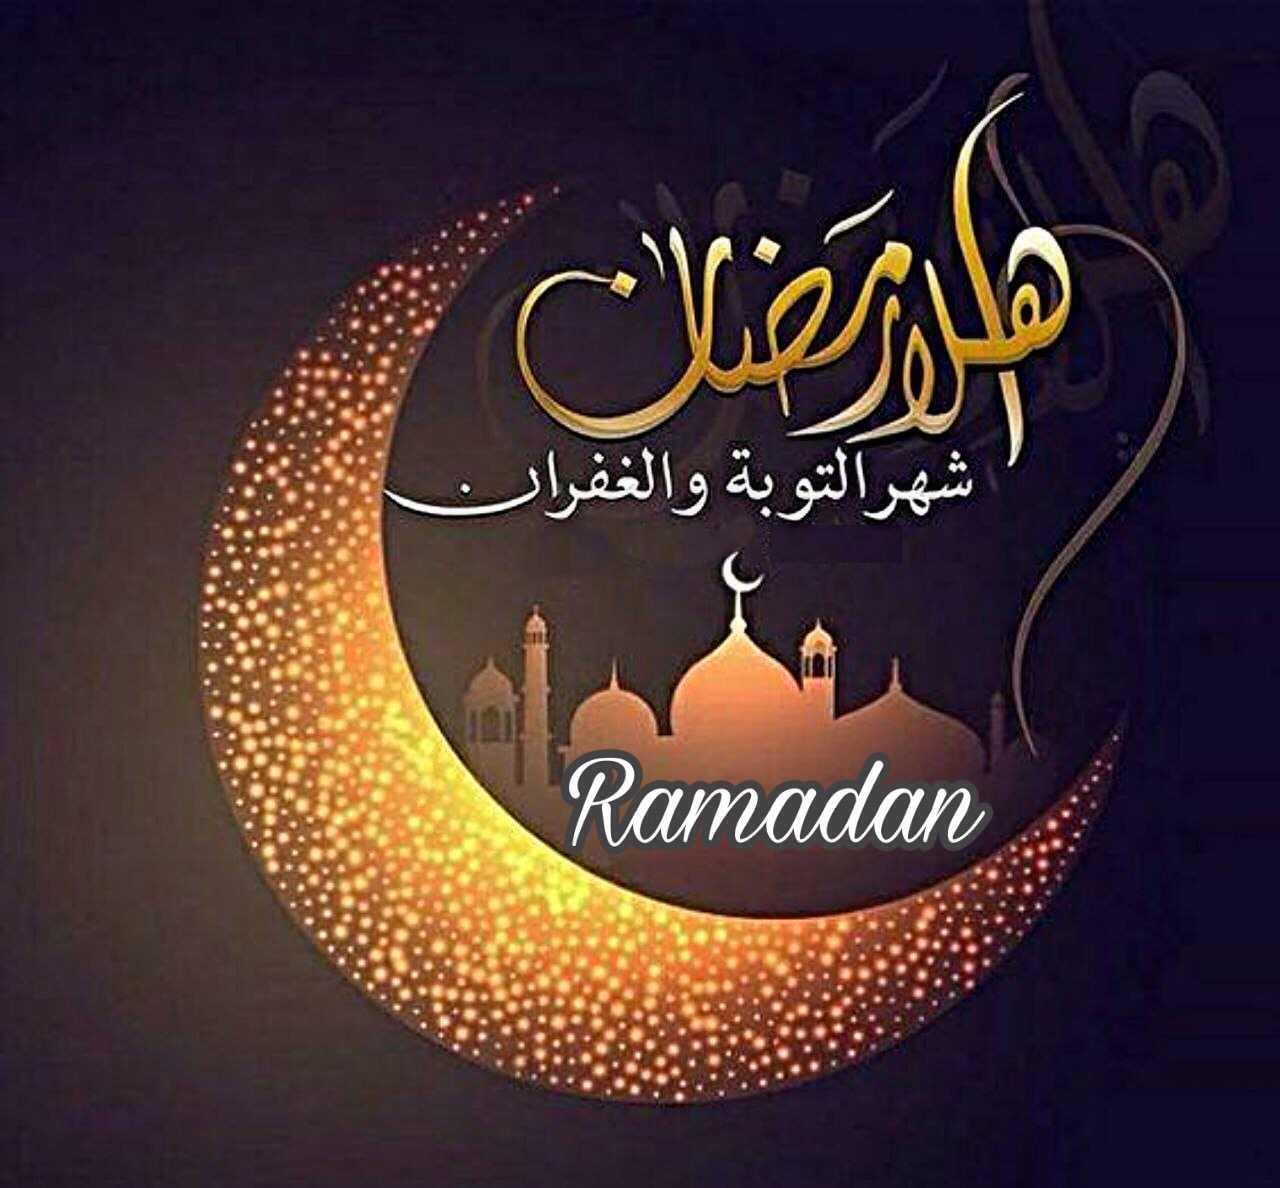 اهلا رمضان شهر التوبة والغفران